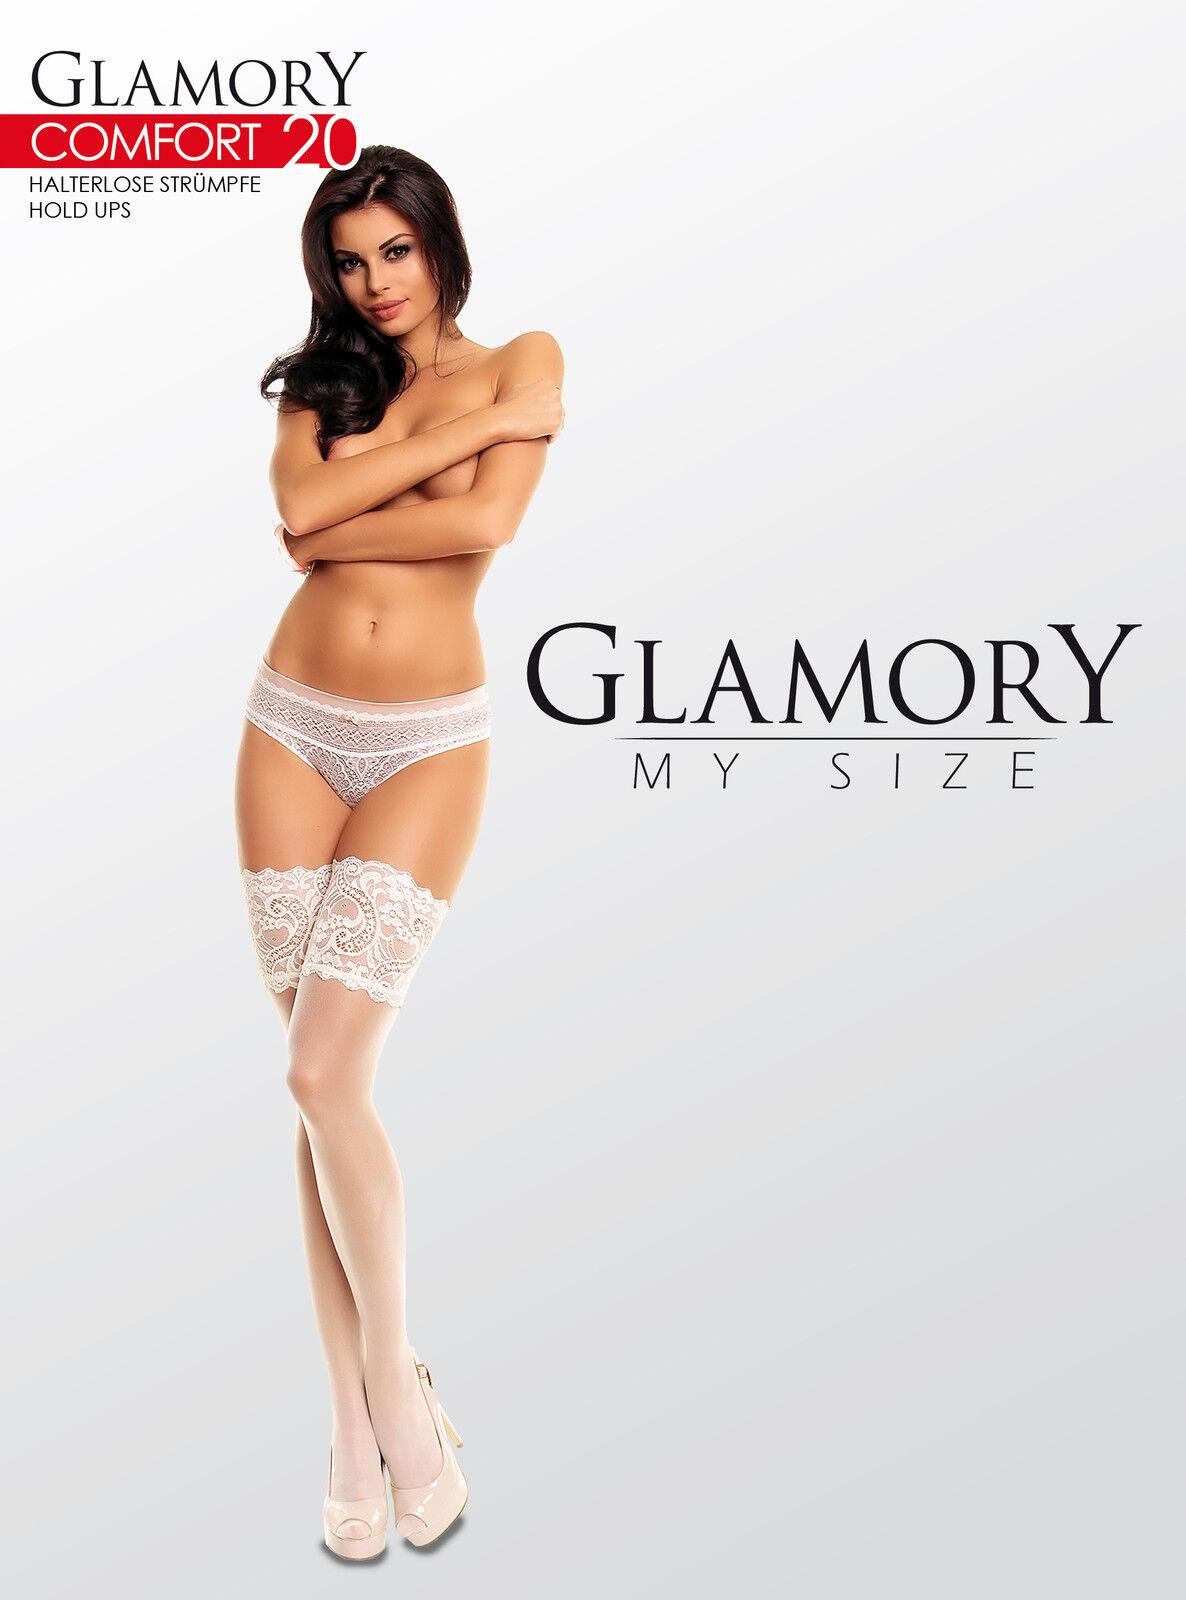 Glamory - Luxuriöse Halterlose Strümpfe Comfort 20, Fb/Gr.-Auswahl bis 62, 50115